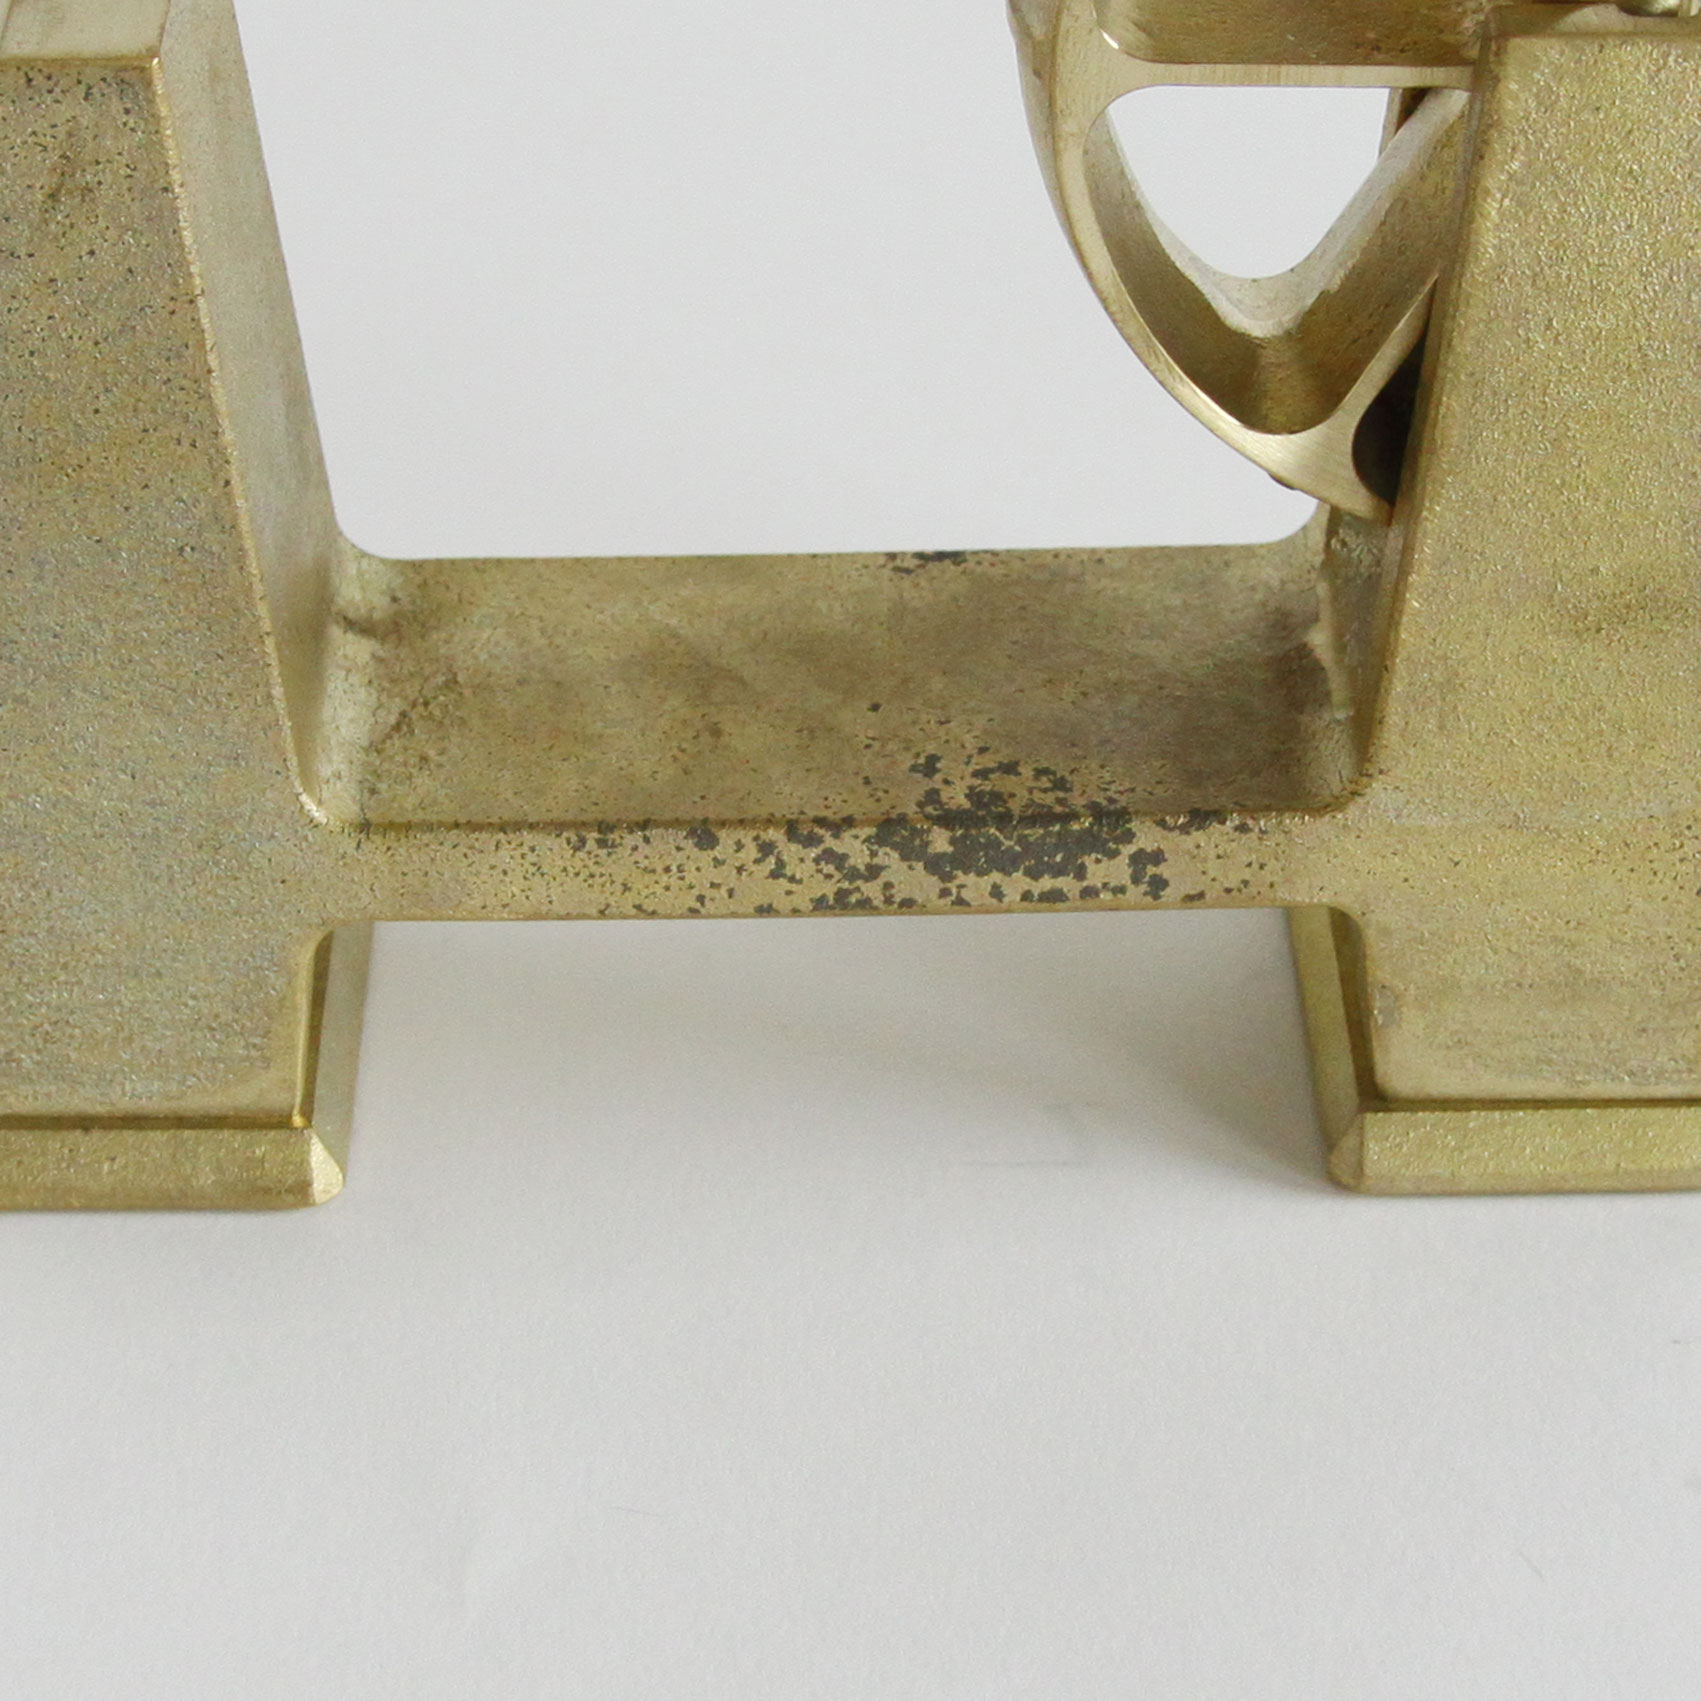 黒く見える部分も真鍮の特性。素材の特性をお楽しみください